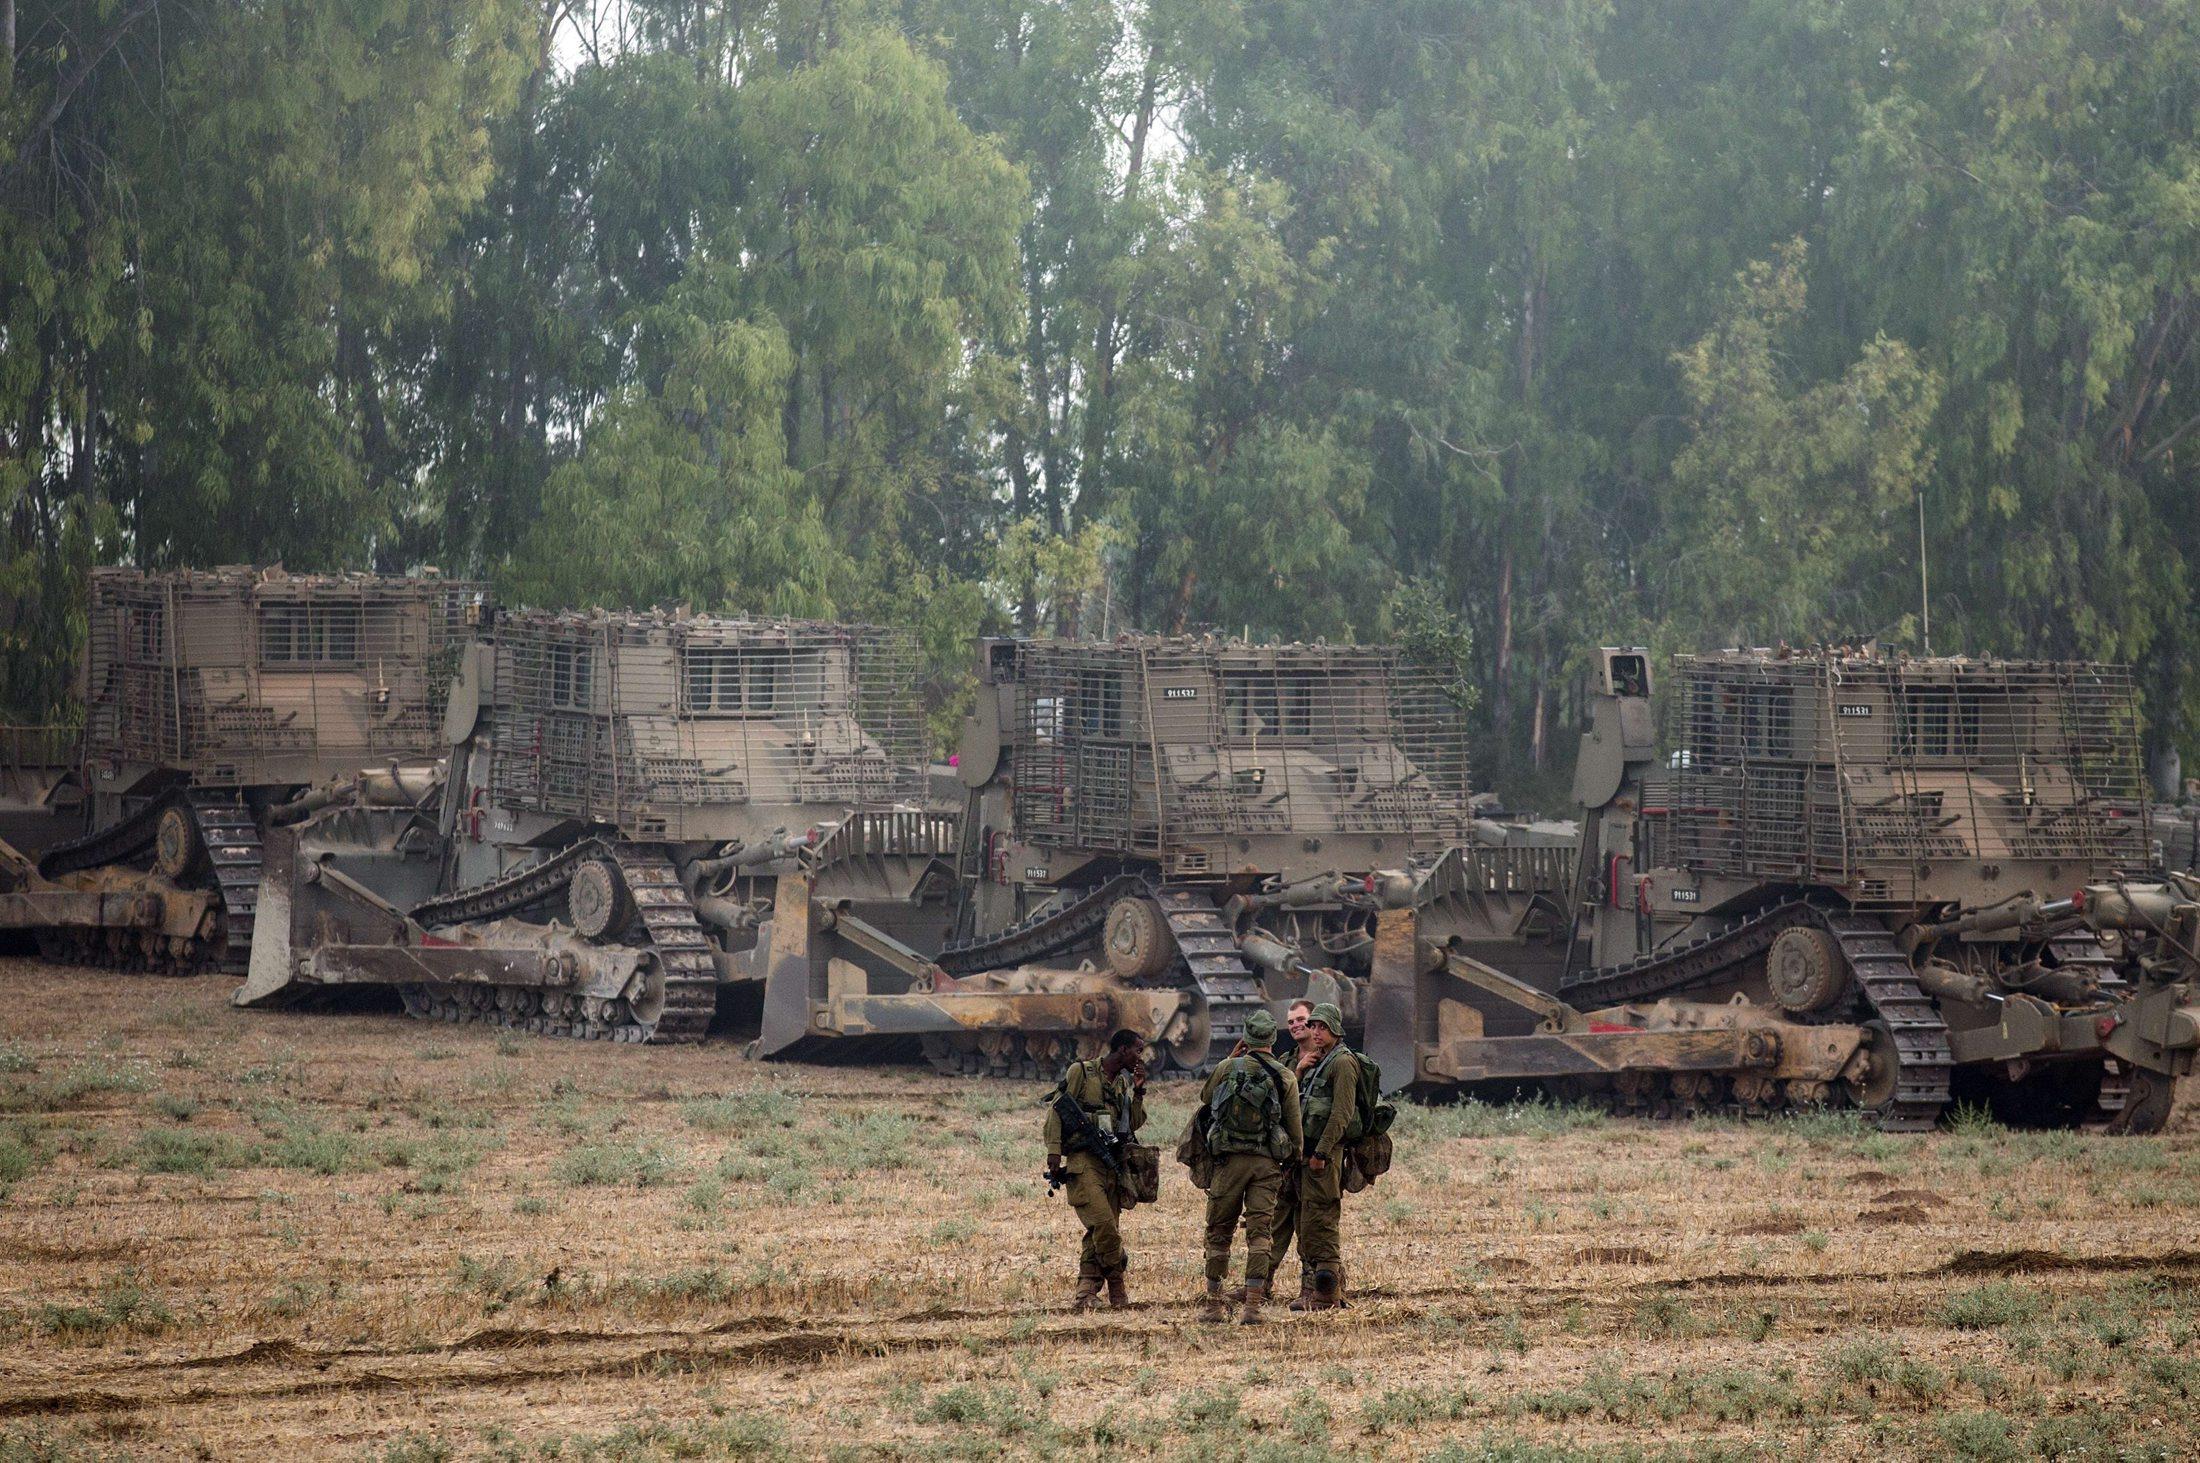 العدوان الإسرائيلي: من عملية عسكرية إلى حرب على غزة